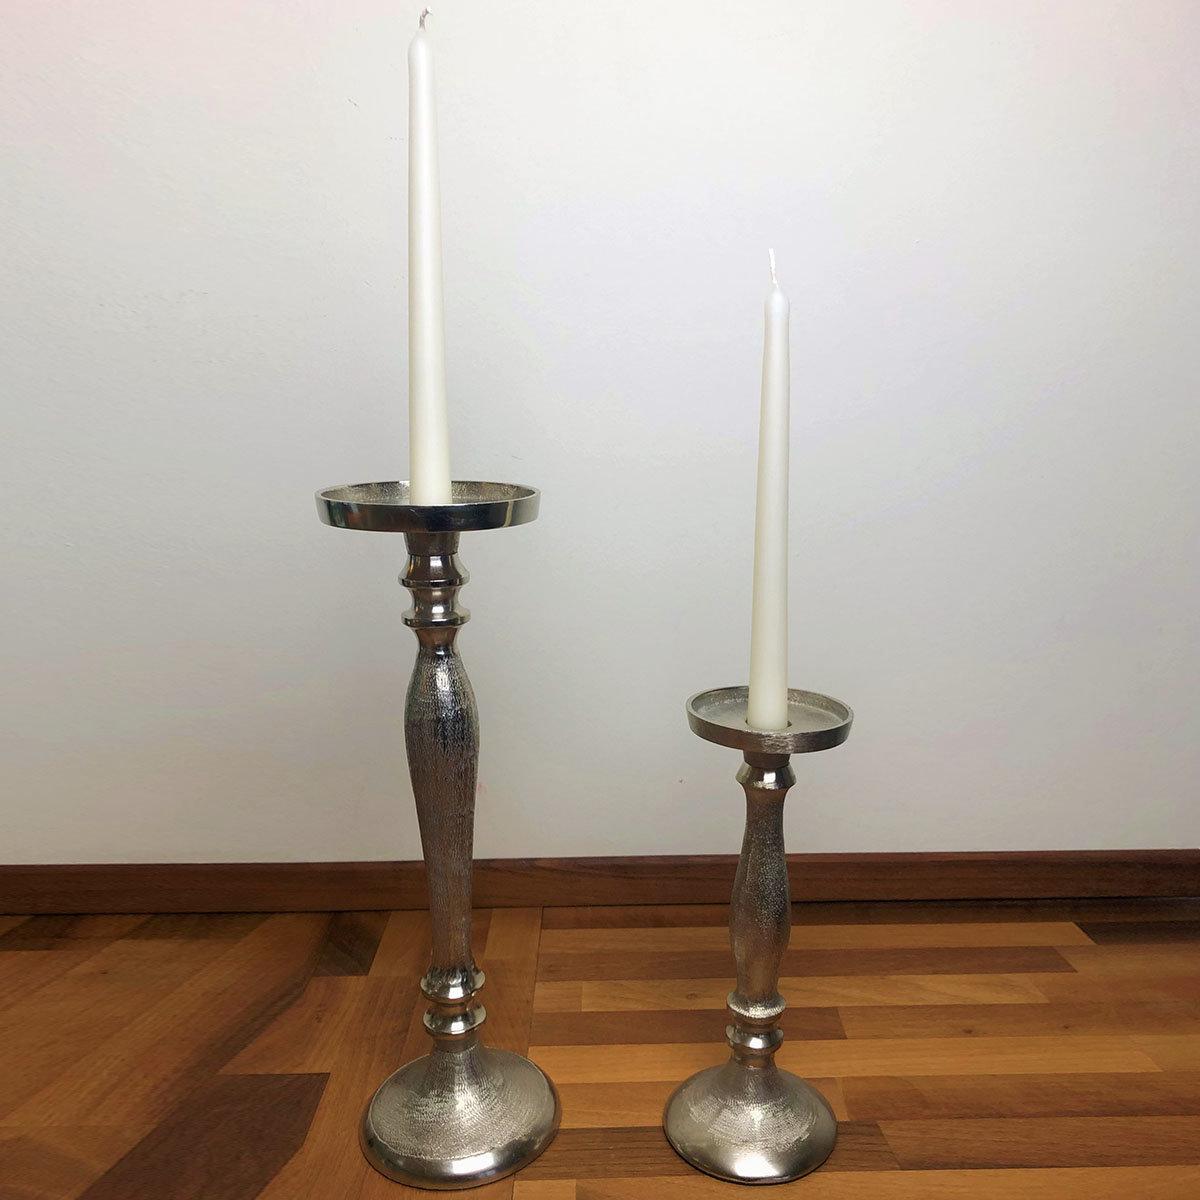 Kerzenleuchter, 10x10x25 cm, silber